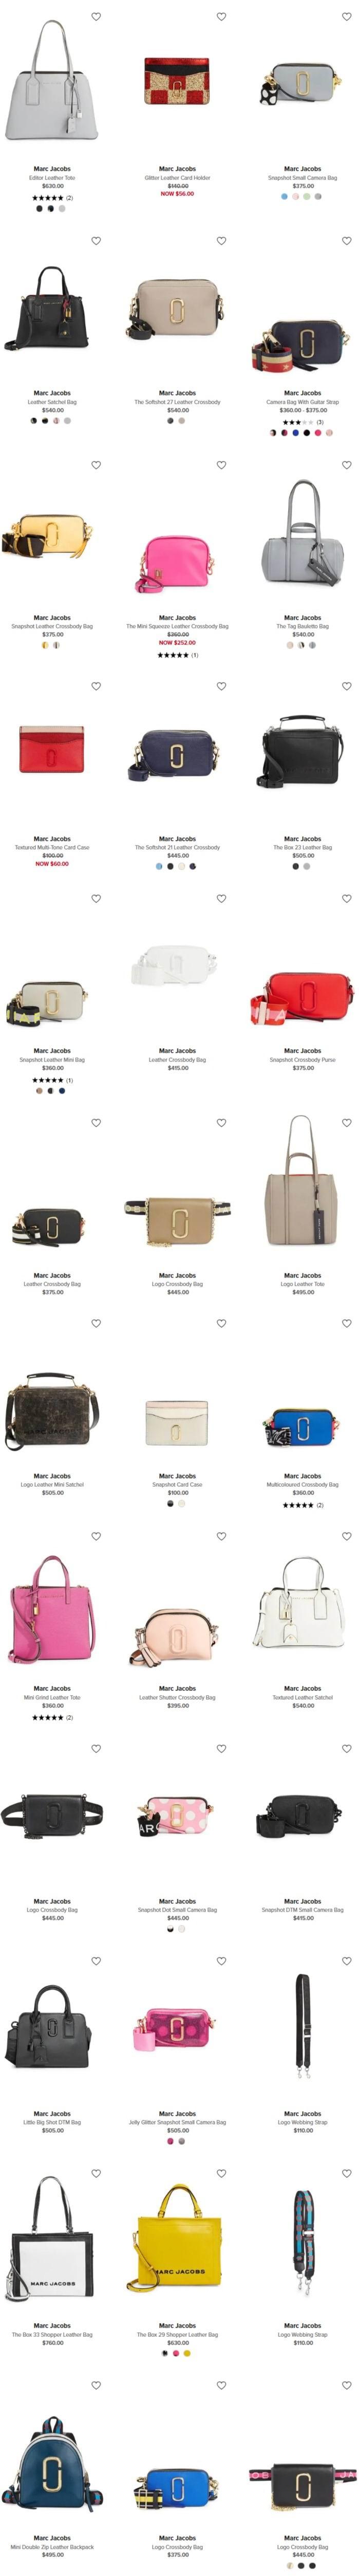 小仙女快抢!Marc Jacobs 全场相机包、美包、腰包、背包等7.5折!入经典款及果冻新款相机包!